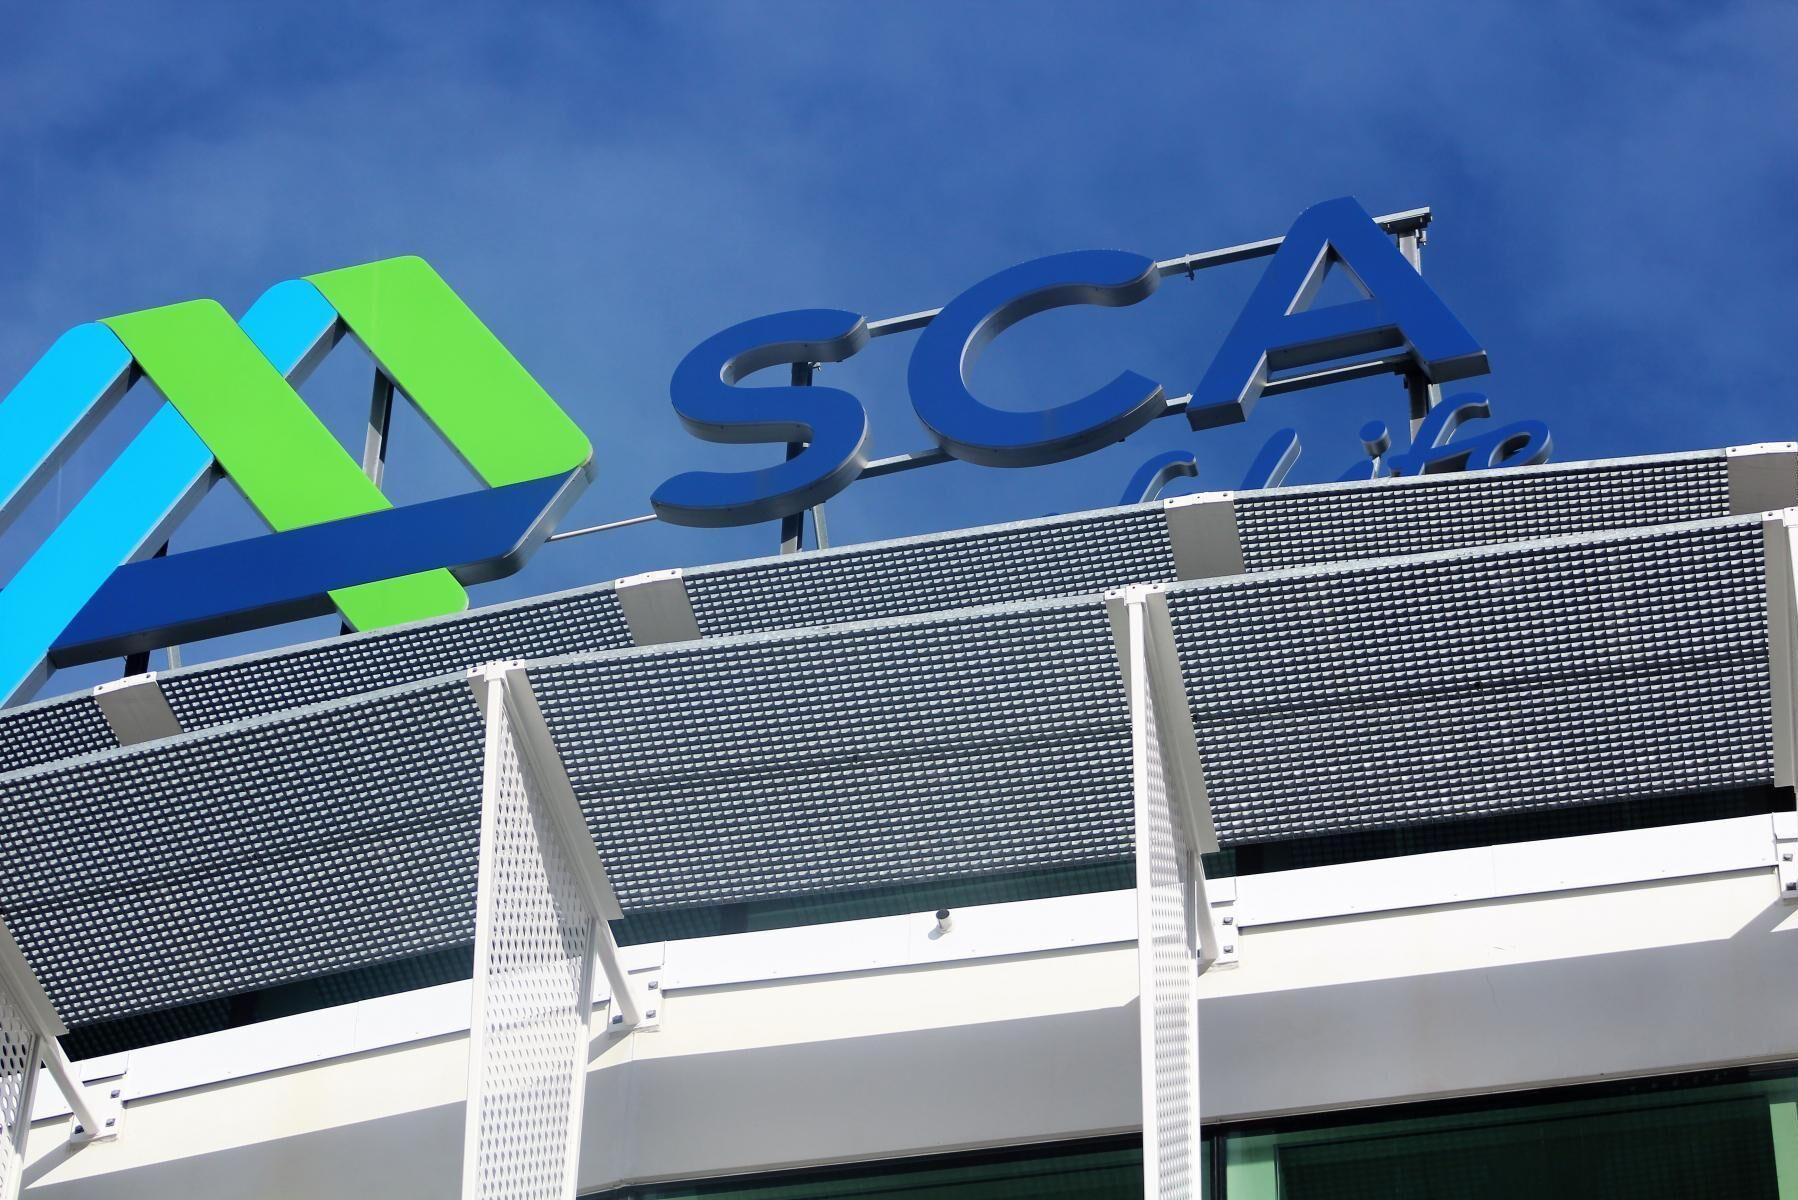 Uppåt för SCA. De som köpte SCA-aktier för ett år sen kan glädja sig åt en värdeökning på uppåt 60 procent, medan värdet på aktier i Byggmax nästan fördubblats.